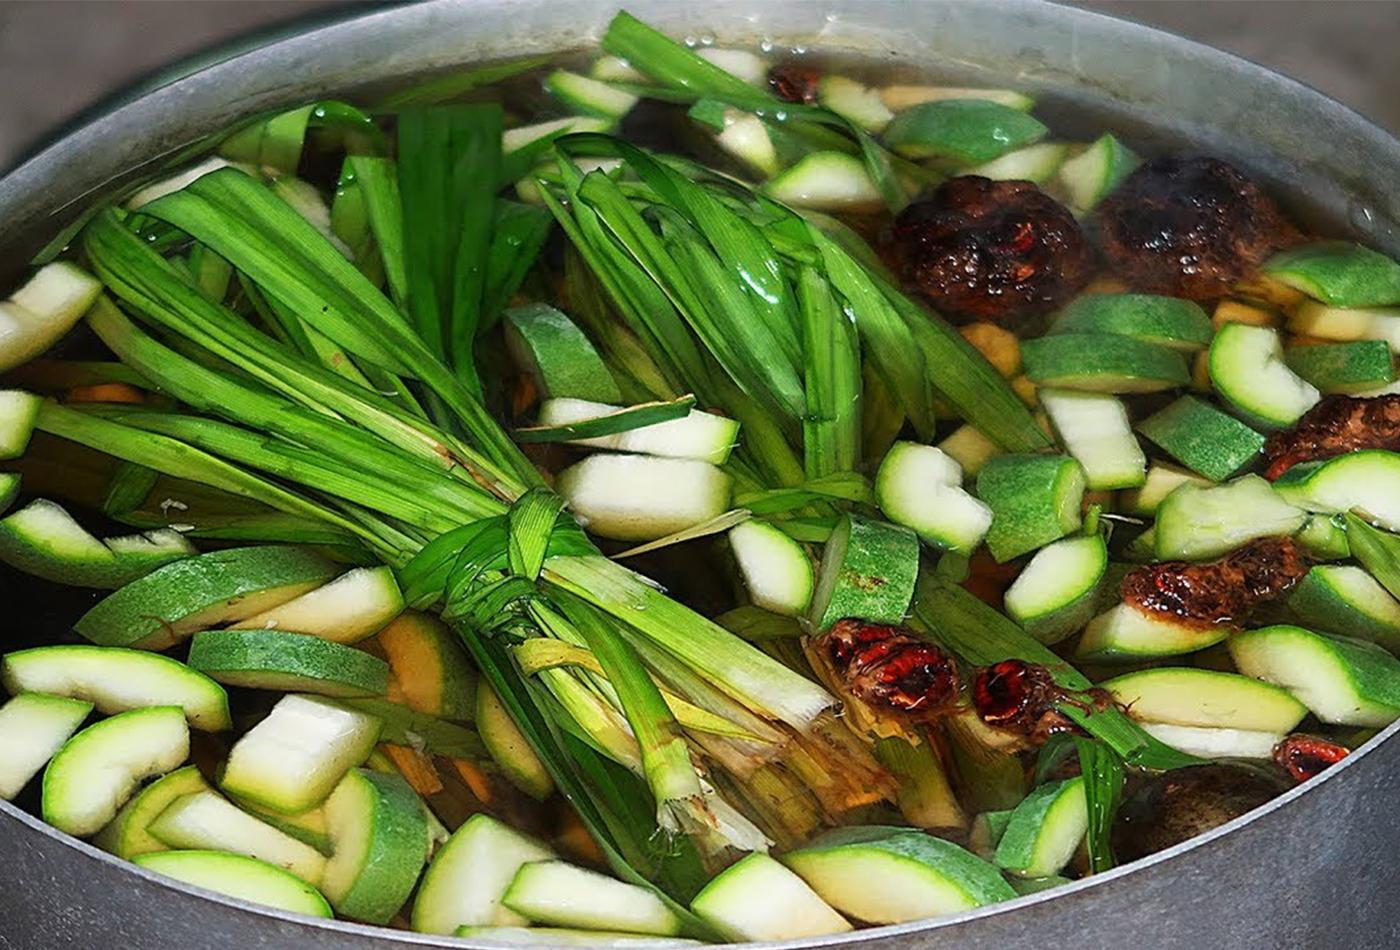 1️⃣【Hướng dẫn cách nấu sâm bí đao nguyên chất tại nhà 】® Thedrunkenpot